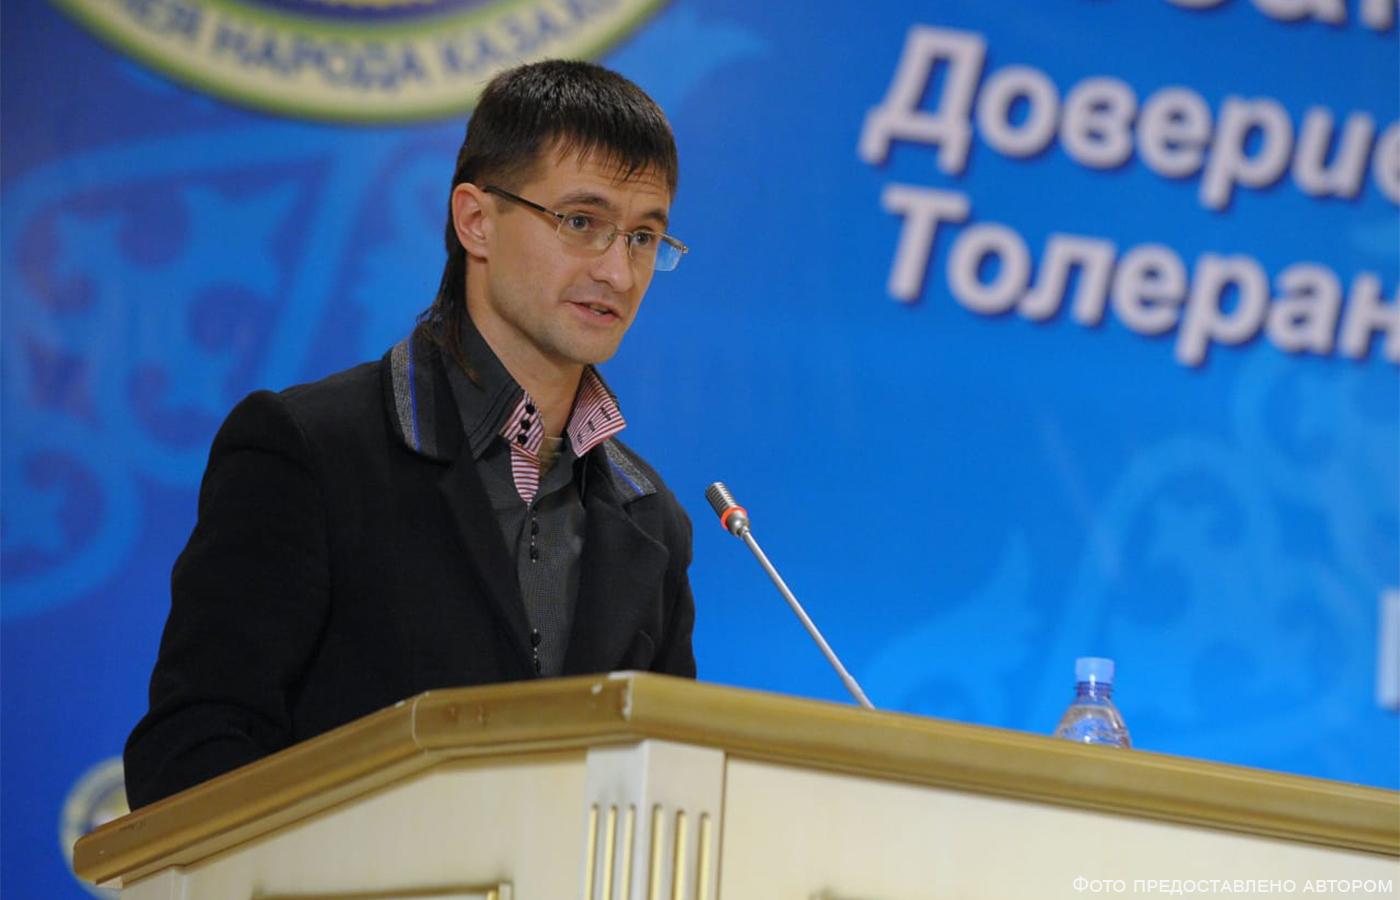 Александр Вервекин: «В приоритете — работа с молодежью»